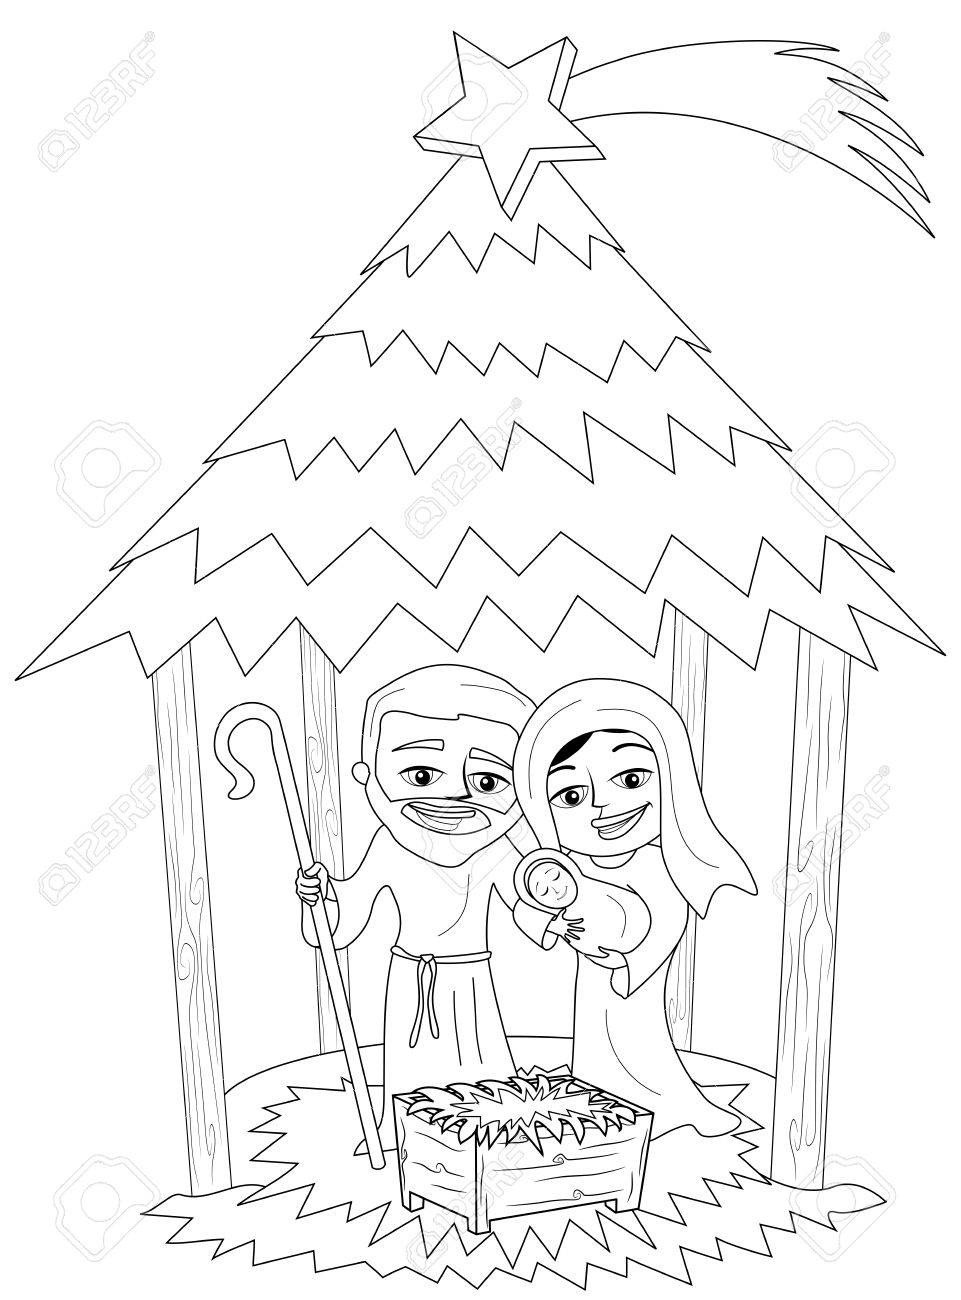 Ausmalbilder Weihnachten Krippe Einzigartig Weihnachts Krippe Mit Josef Und Maria Mit Neugeborenen Jesus Elegant Fotos